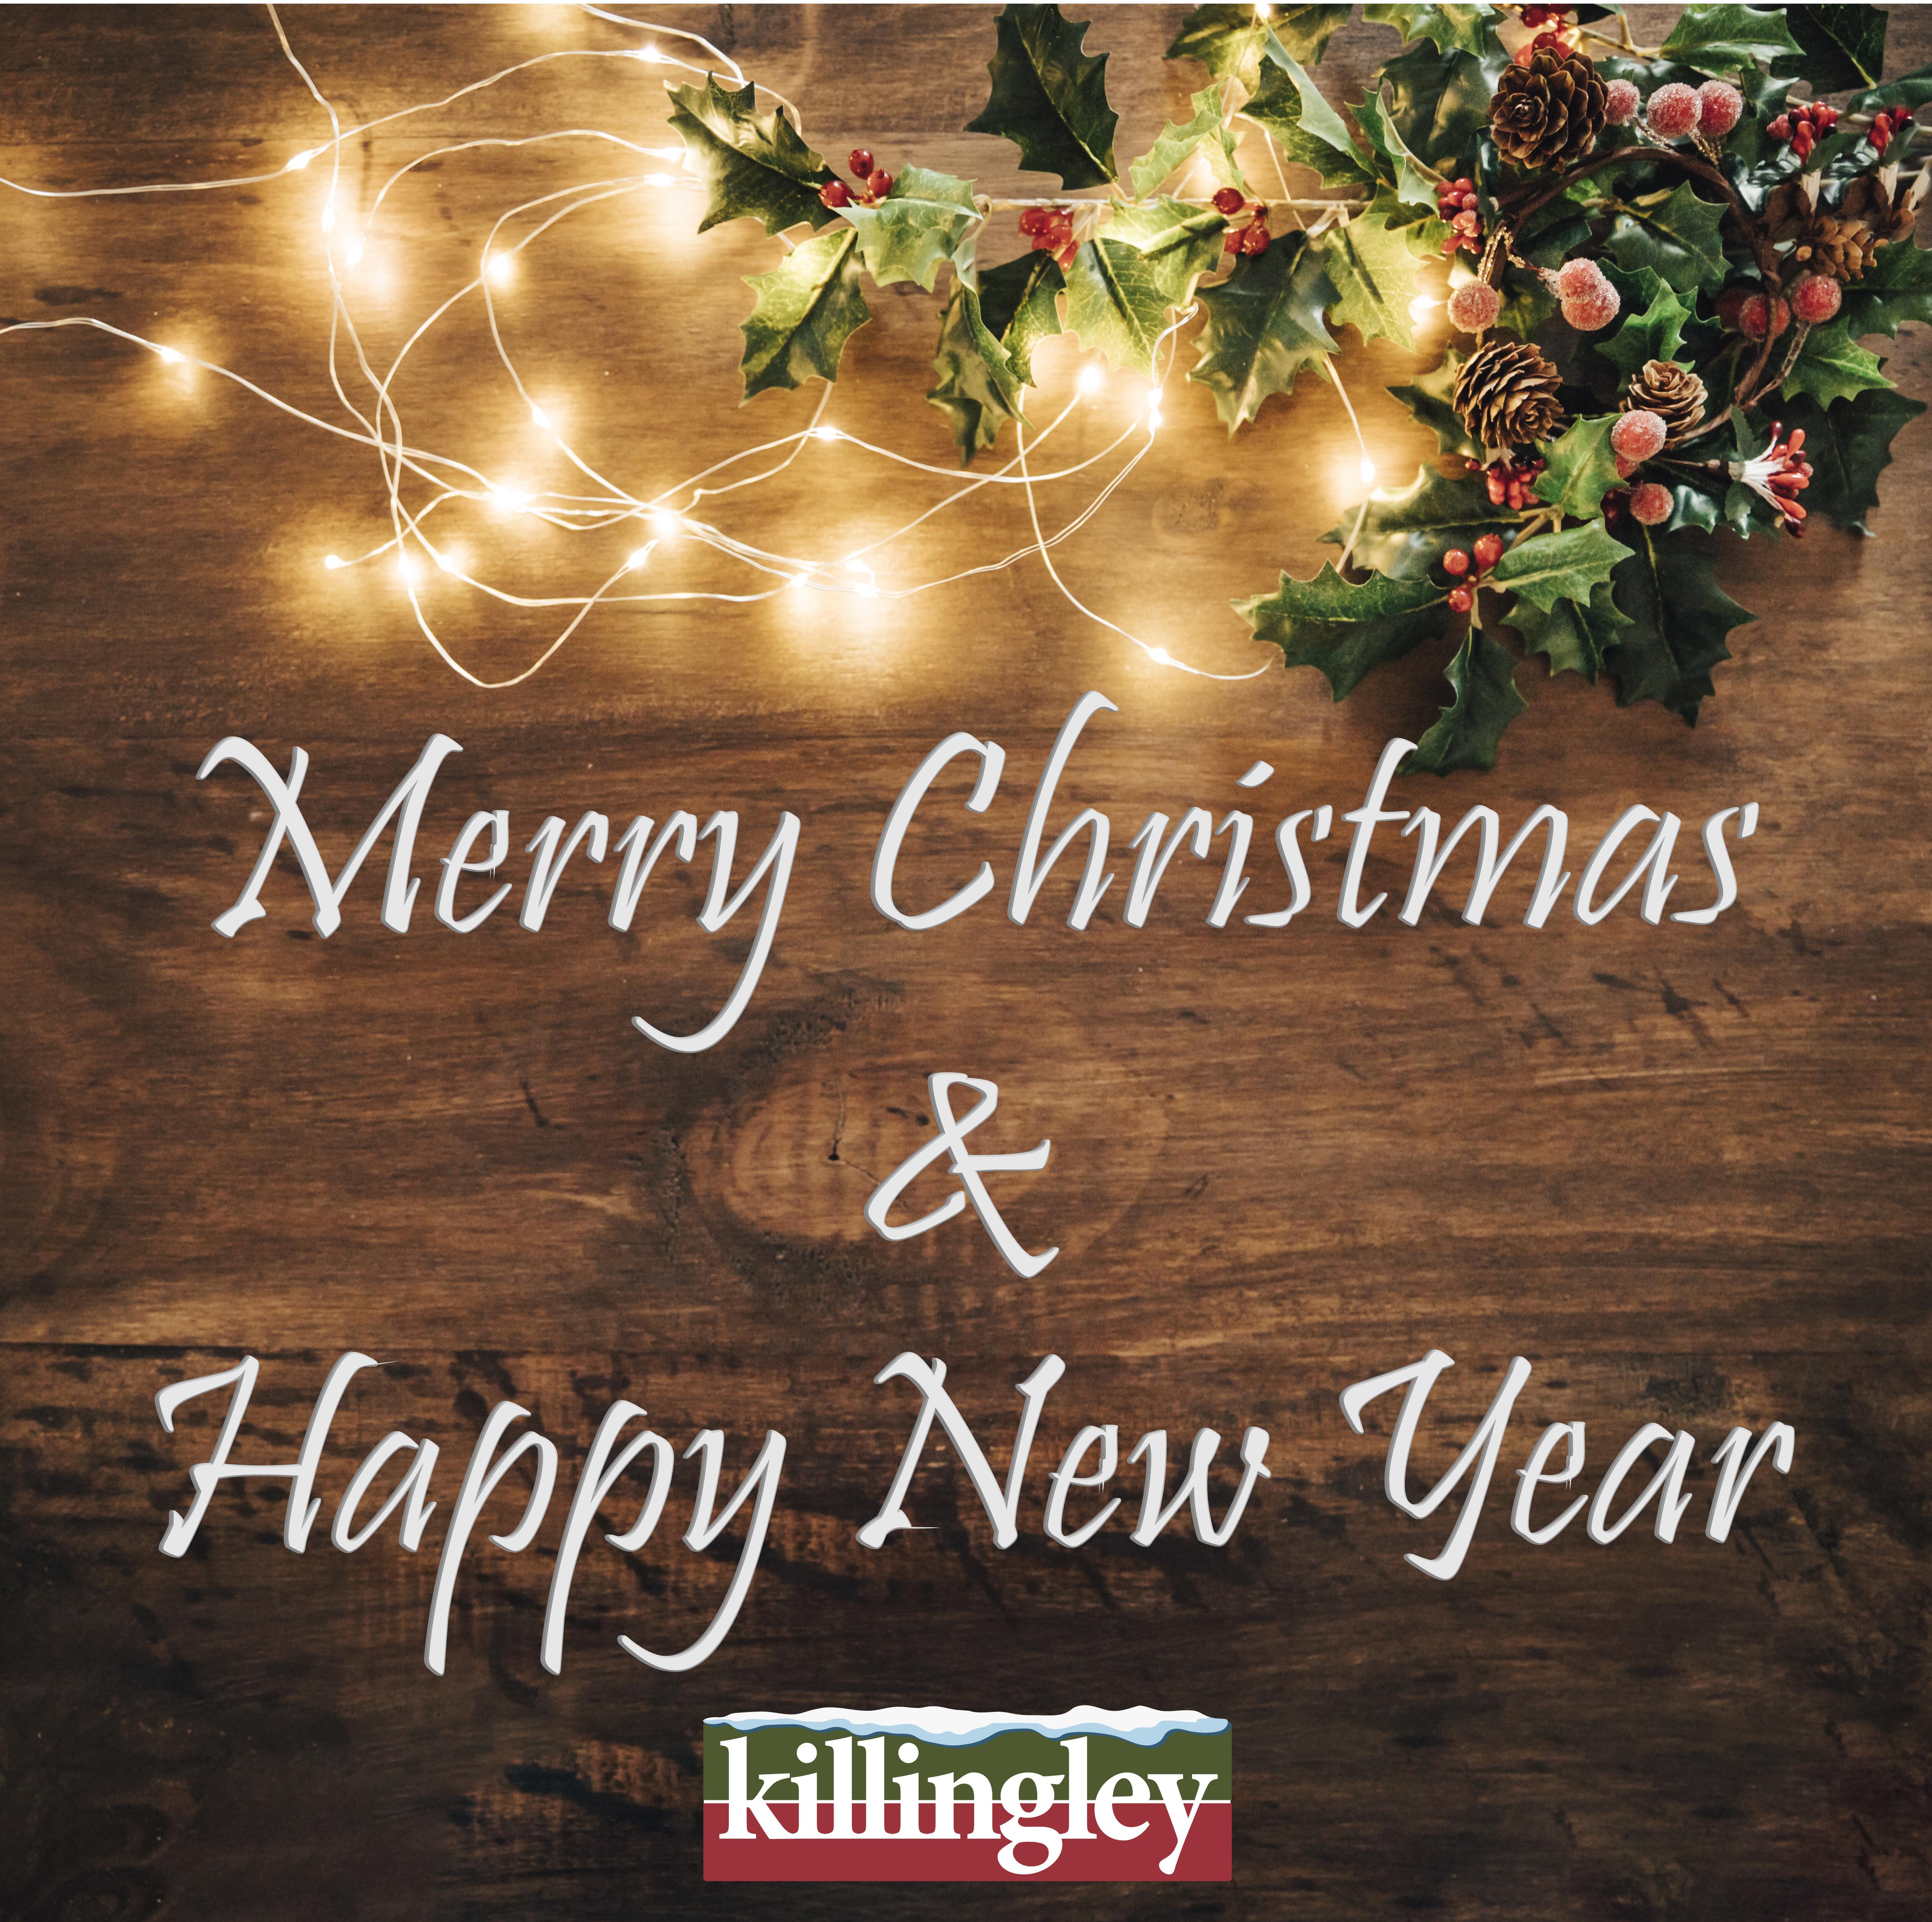 Merry Christmas from Killingley